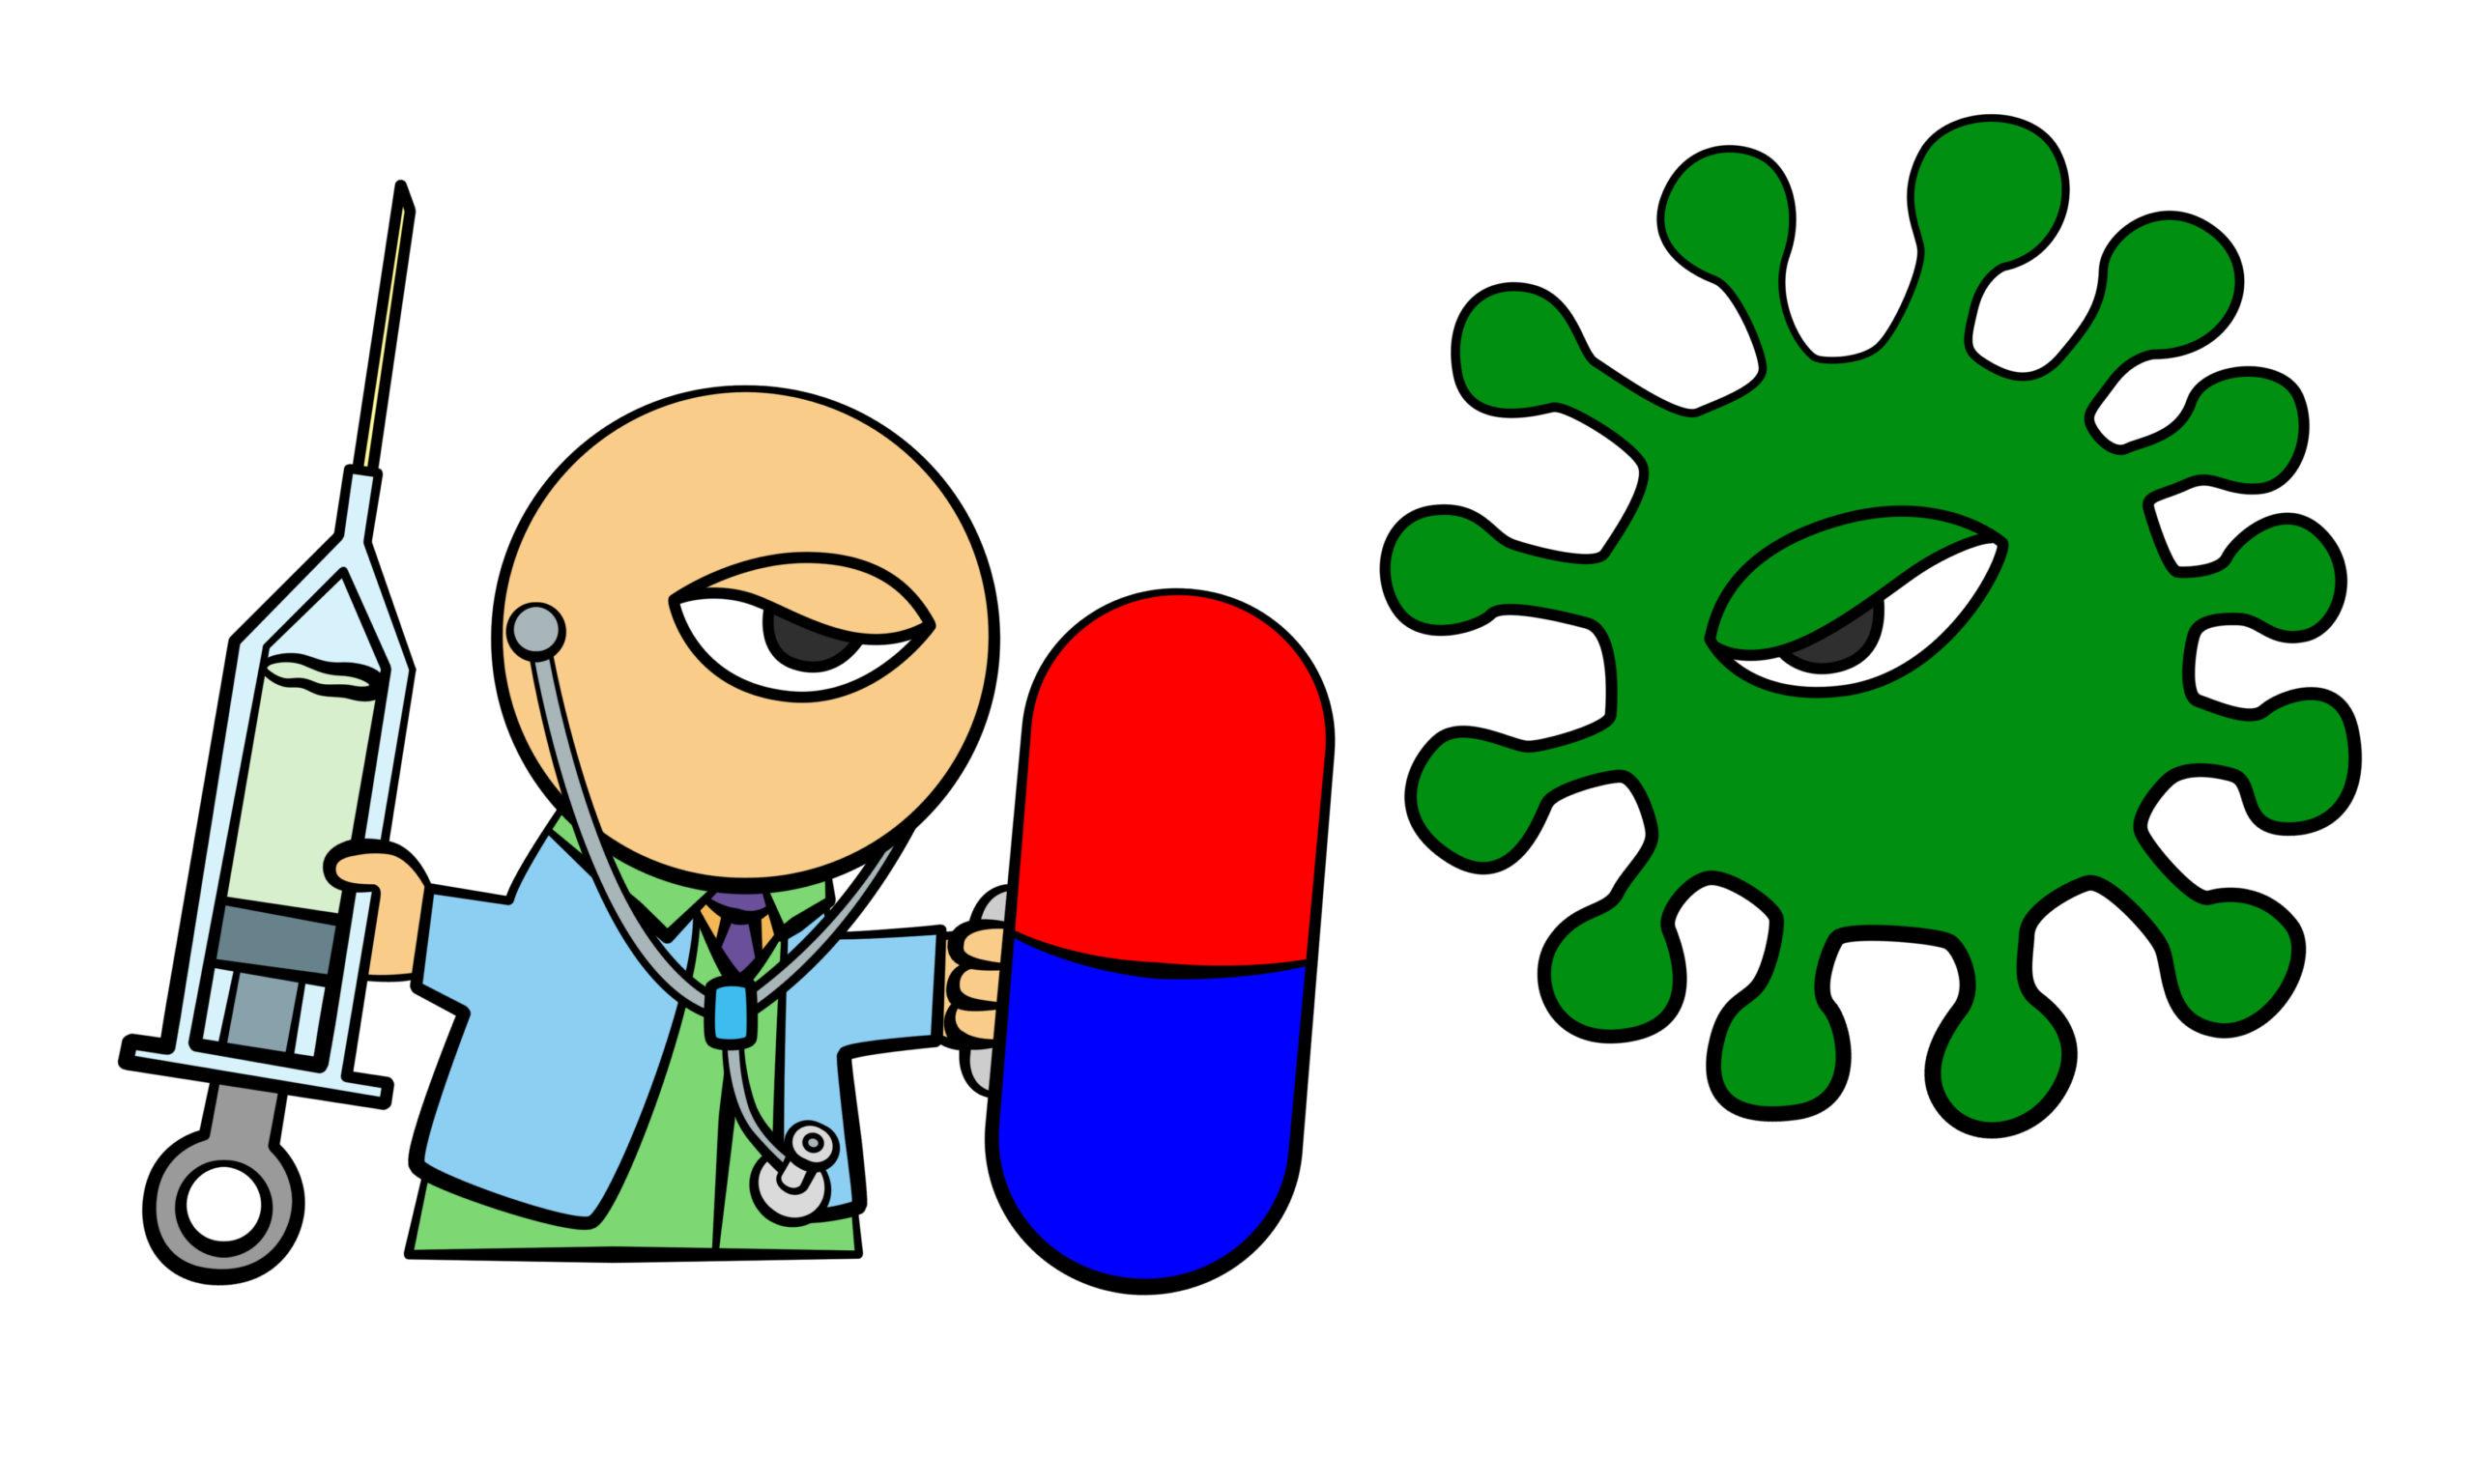 ein Cartoon, rechts ein grüner Virus, links ein Manderl mit Spritze und Medikament, übergross